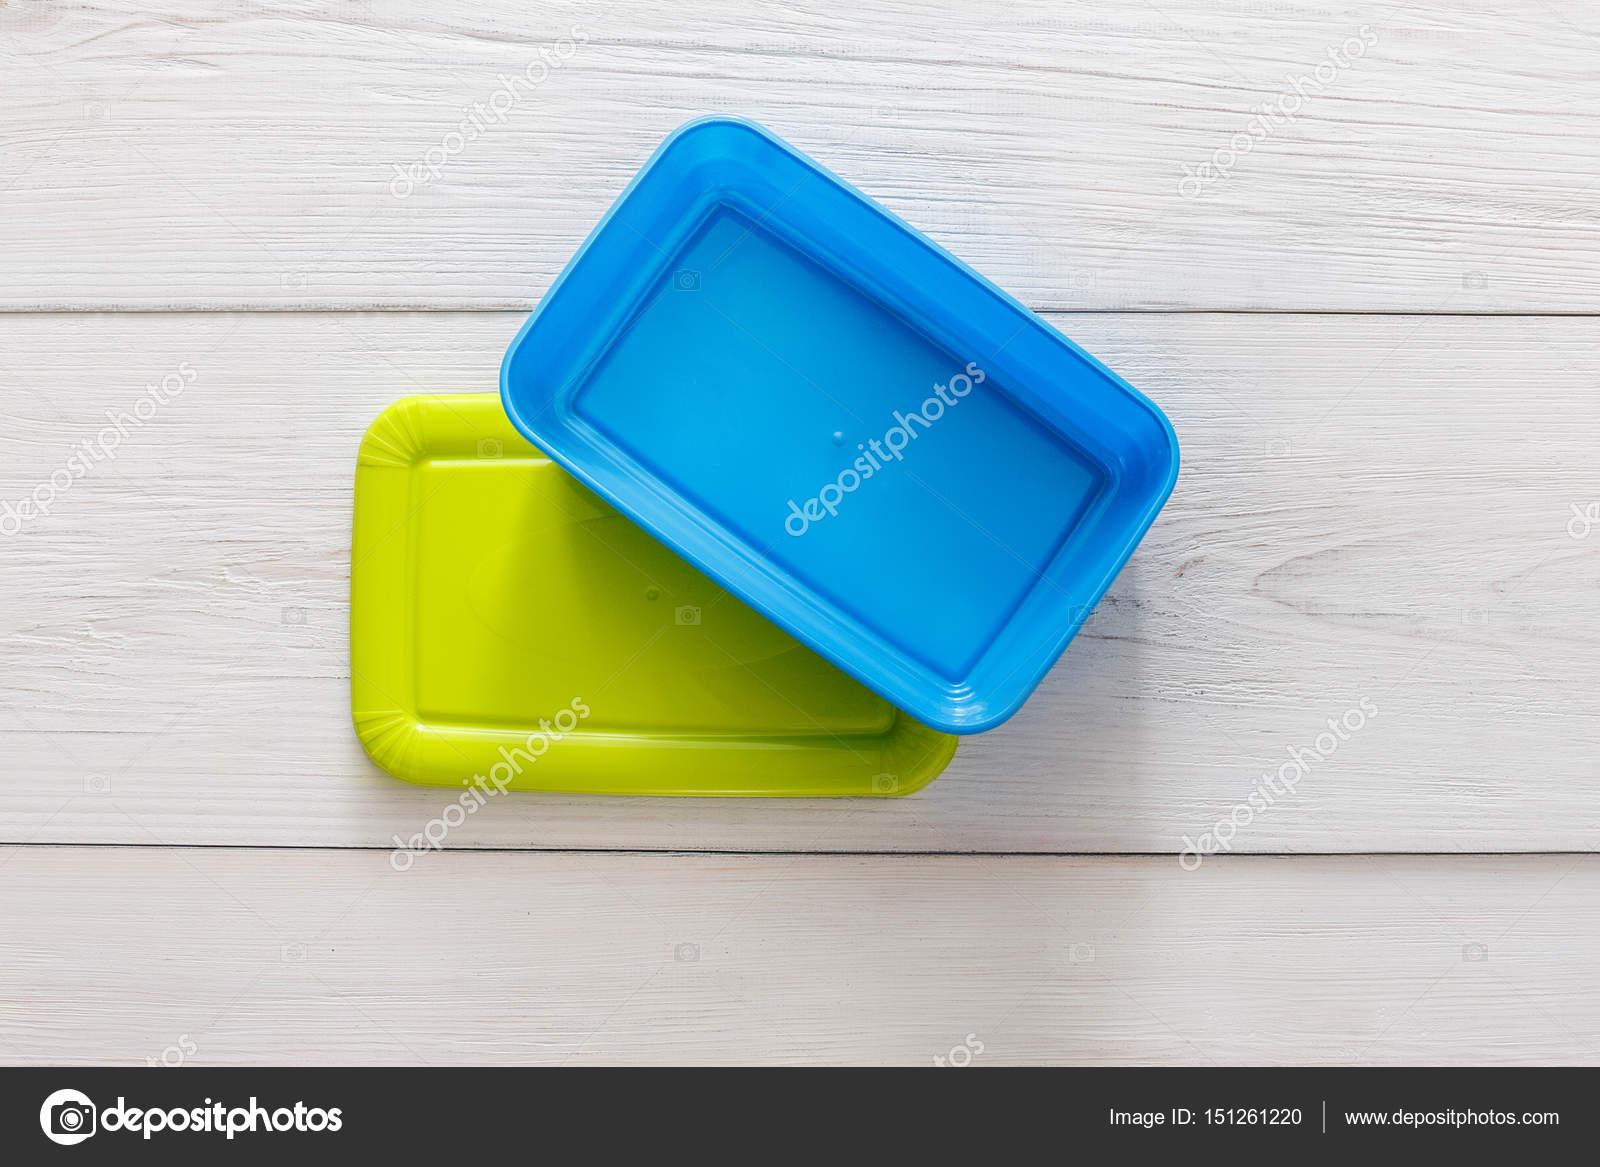 fc0db731c4 Prázdné plastové kufříky na bílého dřeva